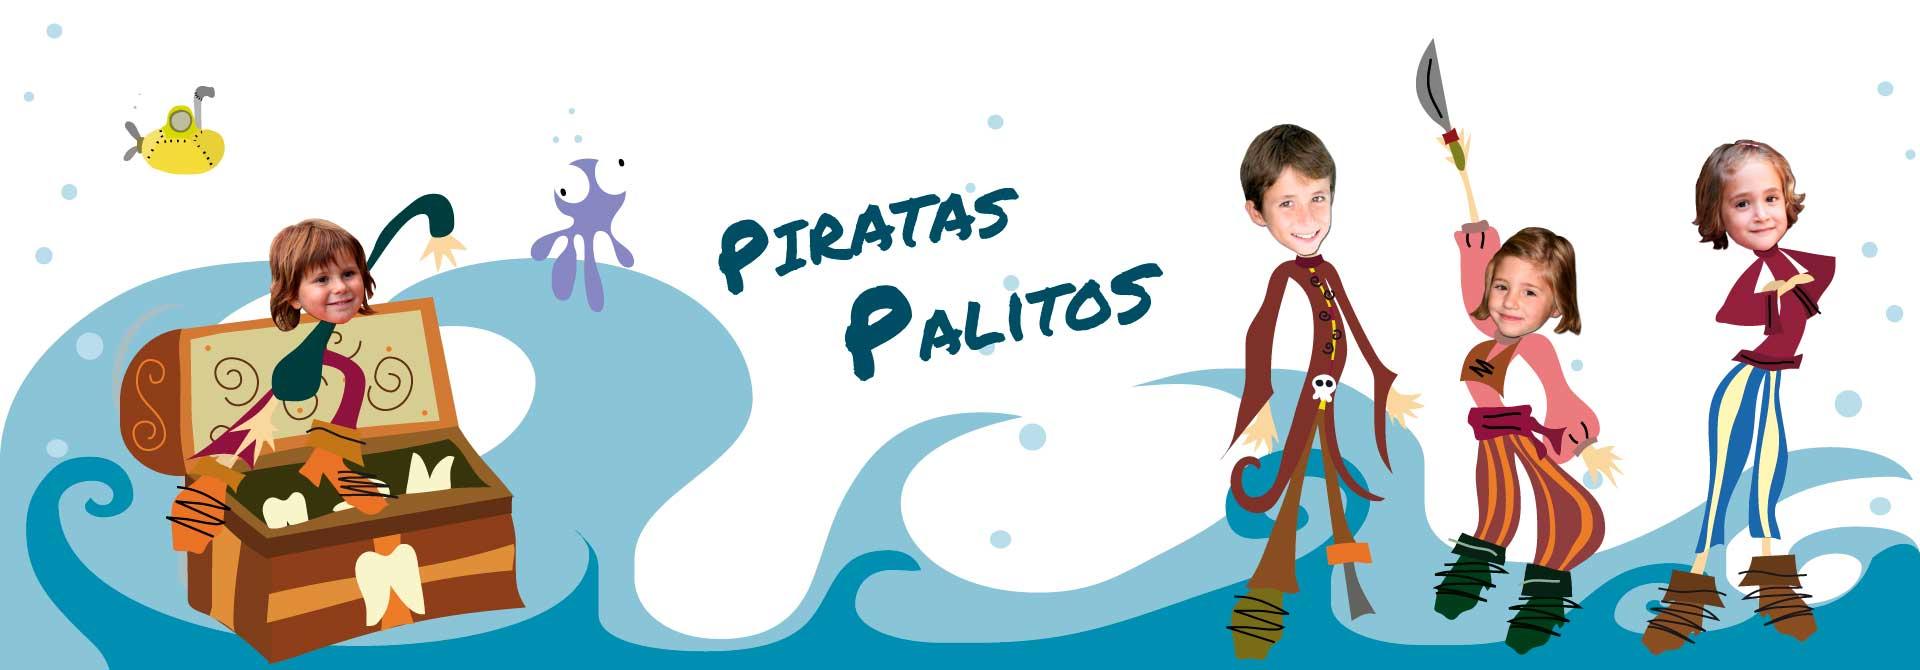 Contos infantis: Um conto personalizado de piratas - Cabeçalho do produto